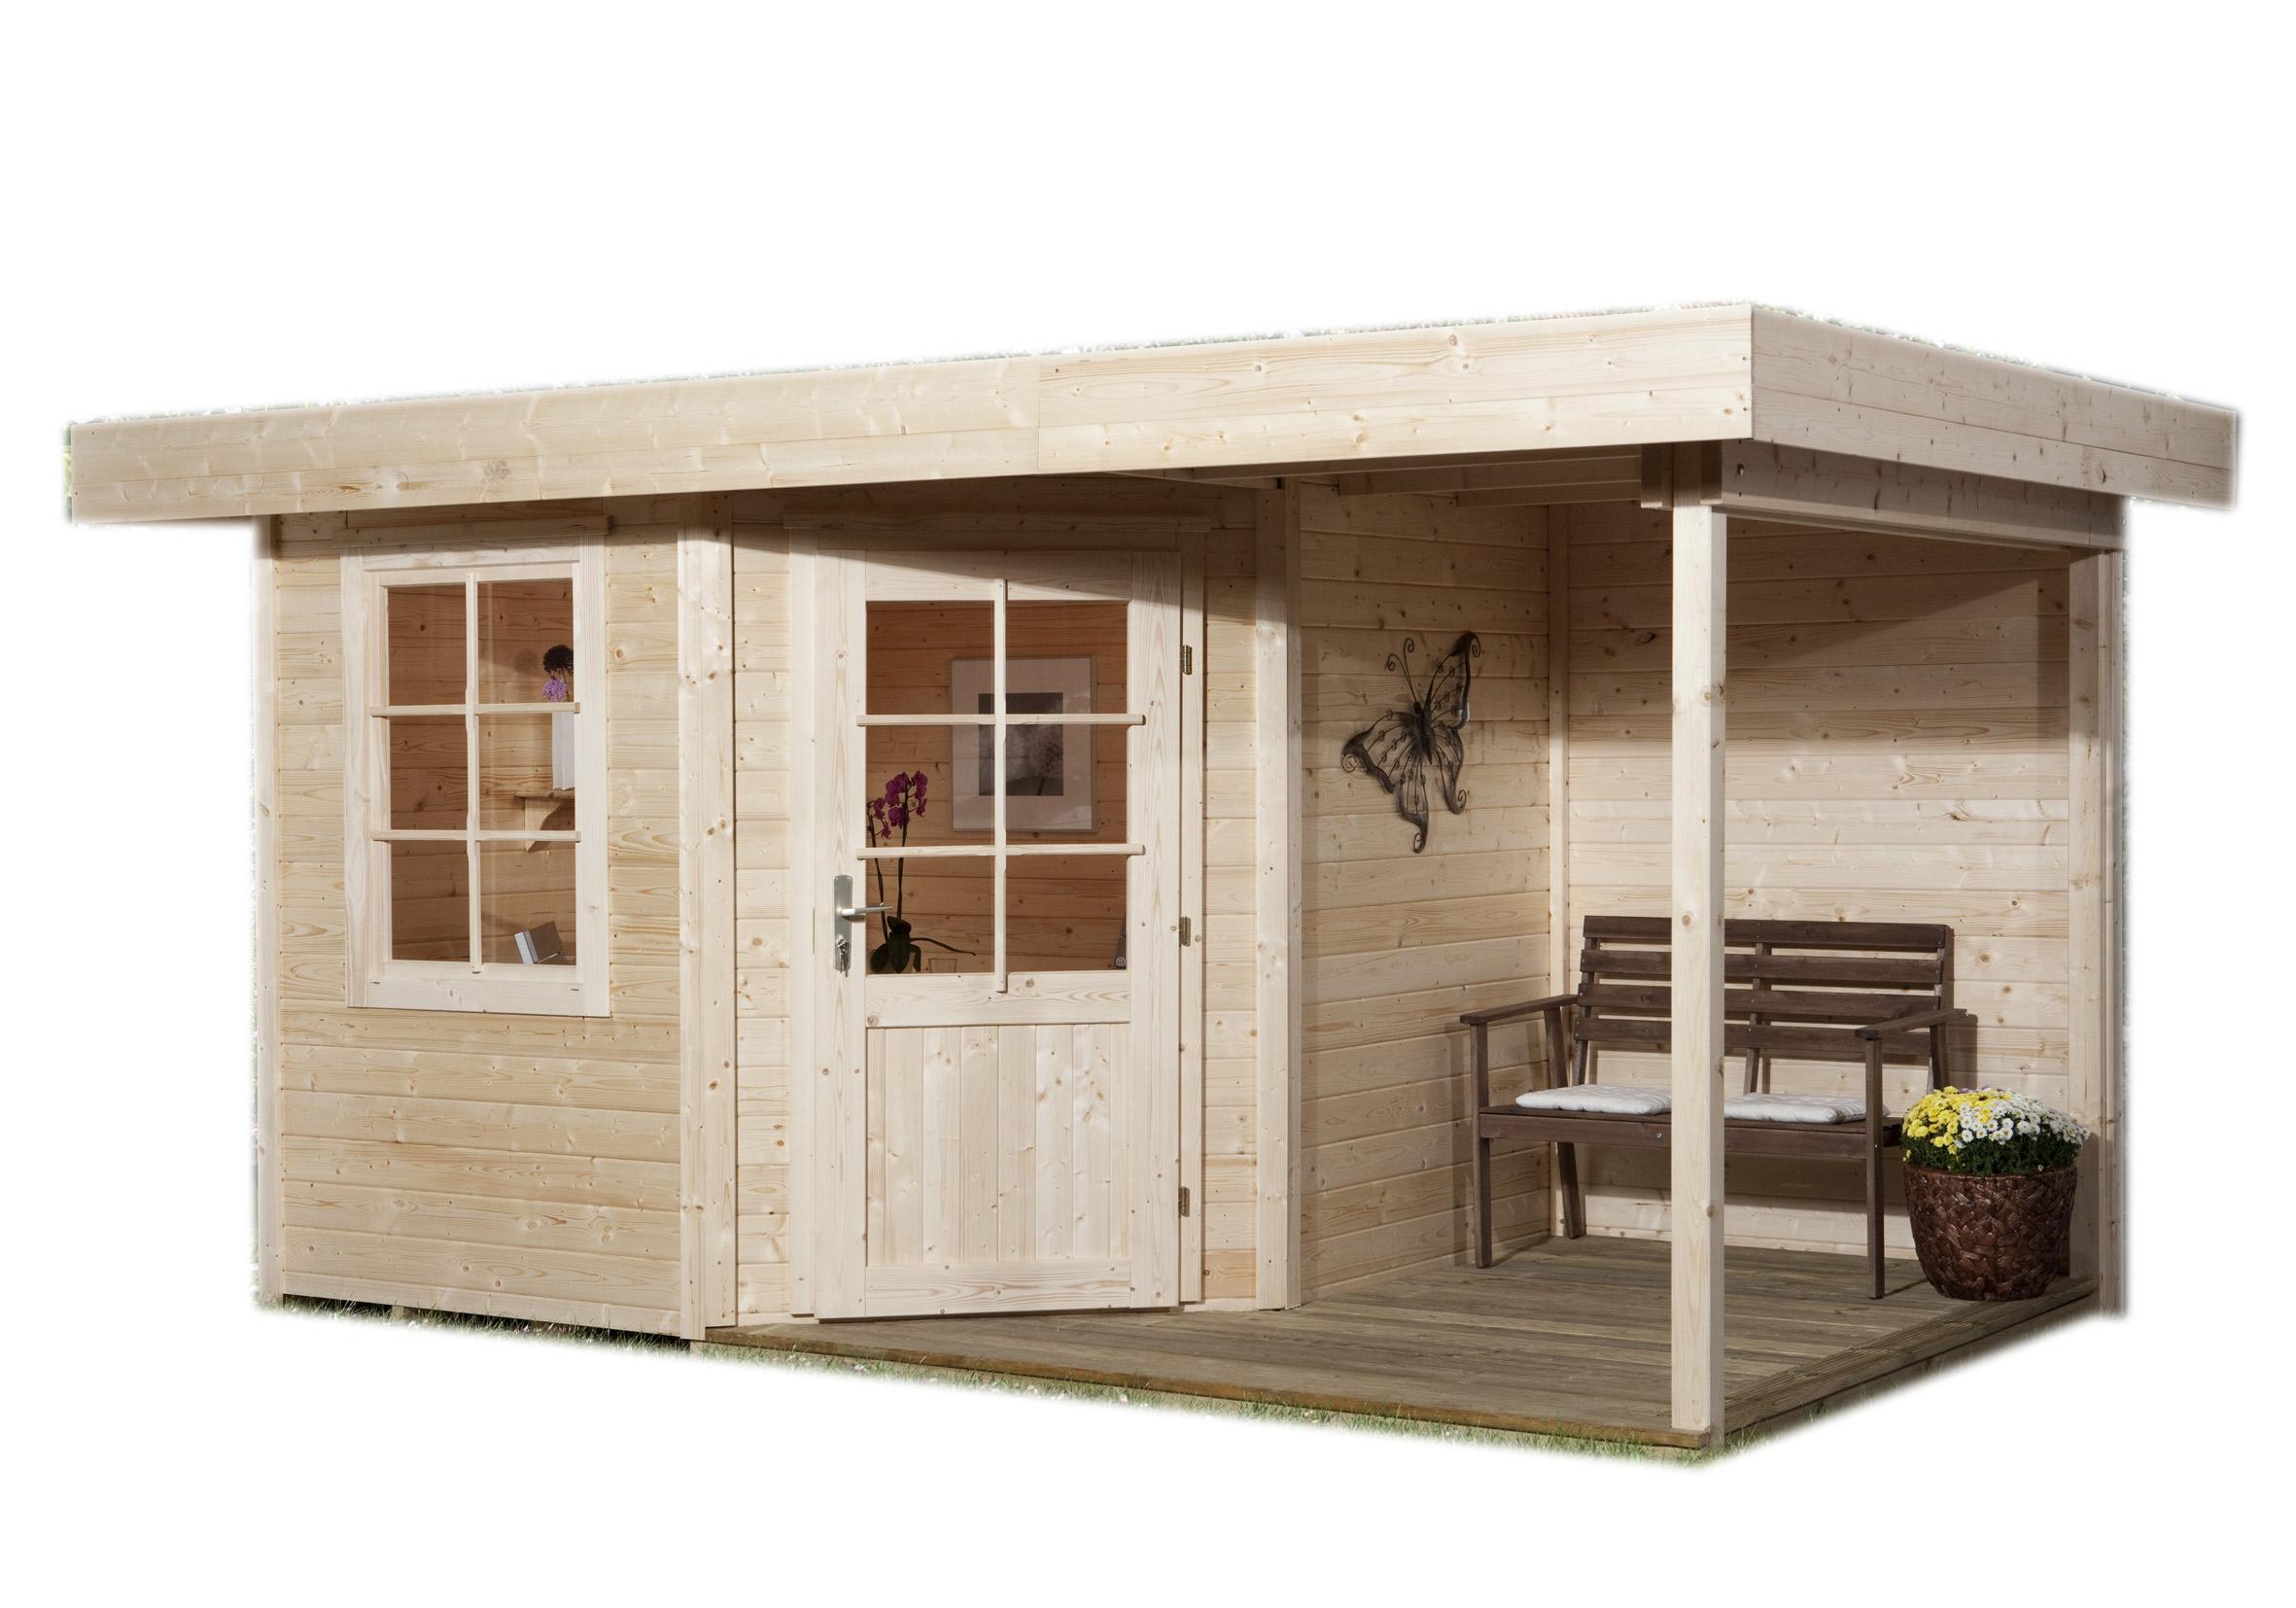 Abri De Jardin Fides 22 Brut Weka - 9,00 M², 300X300 Cm, 28 ... intérieur Abri De Jardin 9M2